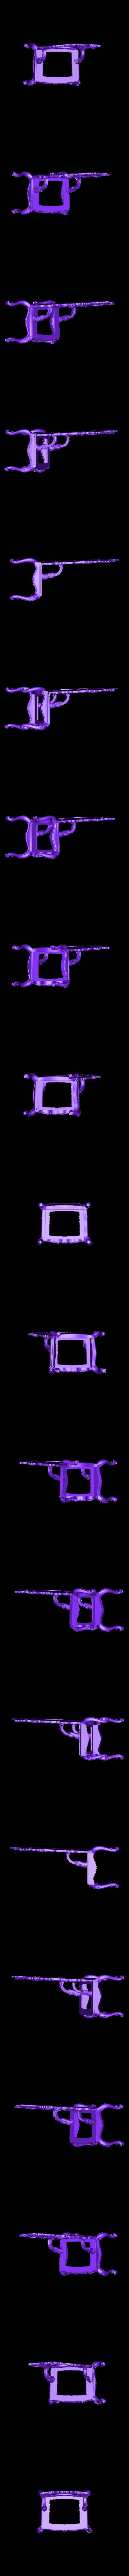 005.STL Télécharger fichier STL gratuit chaise renaissance • Plan pour imprimante 3D, 3DPrinterFiles